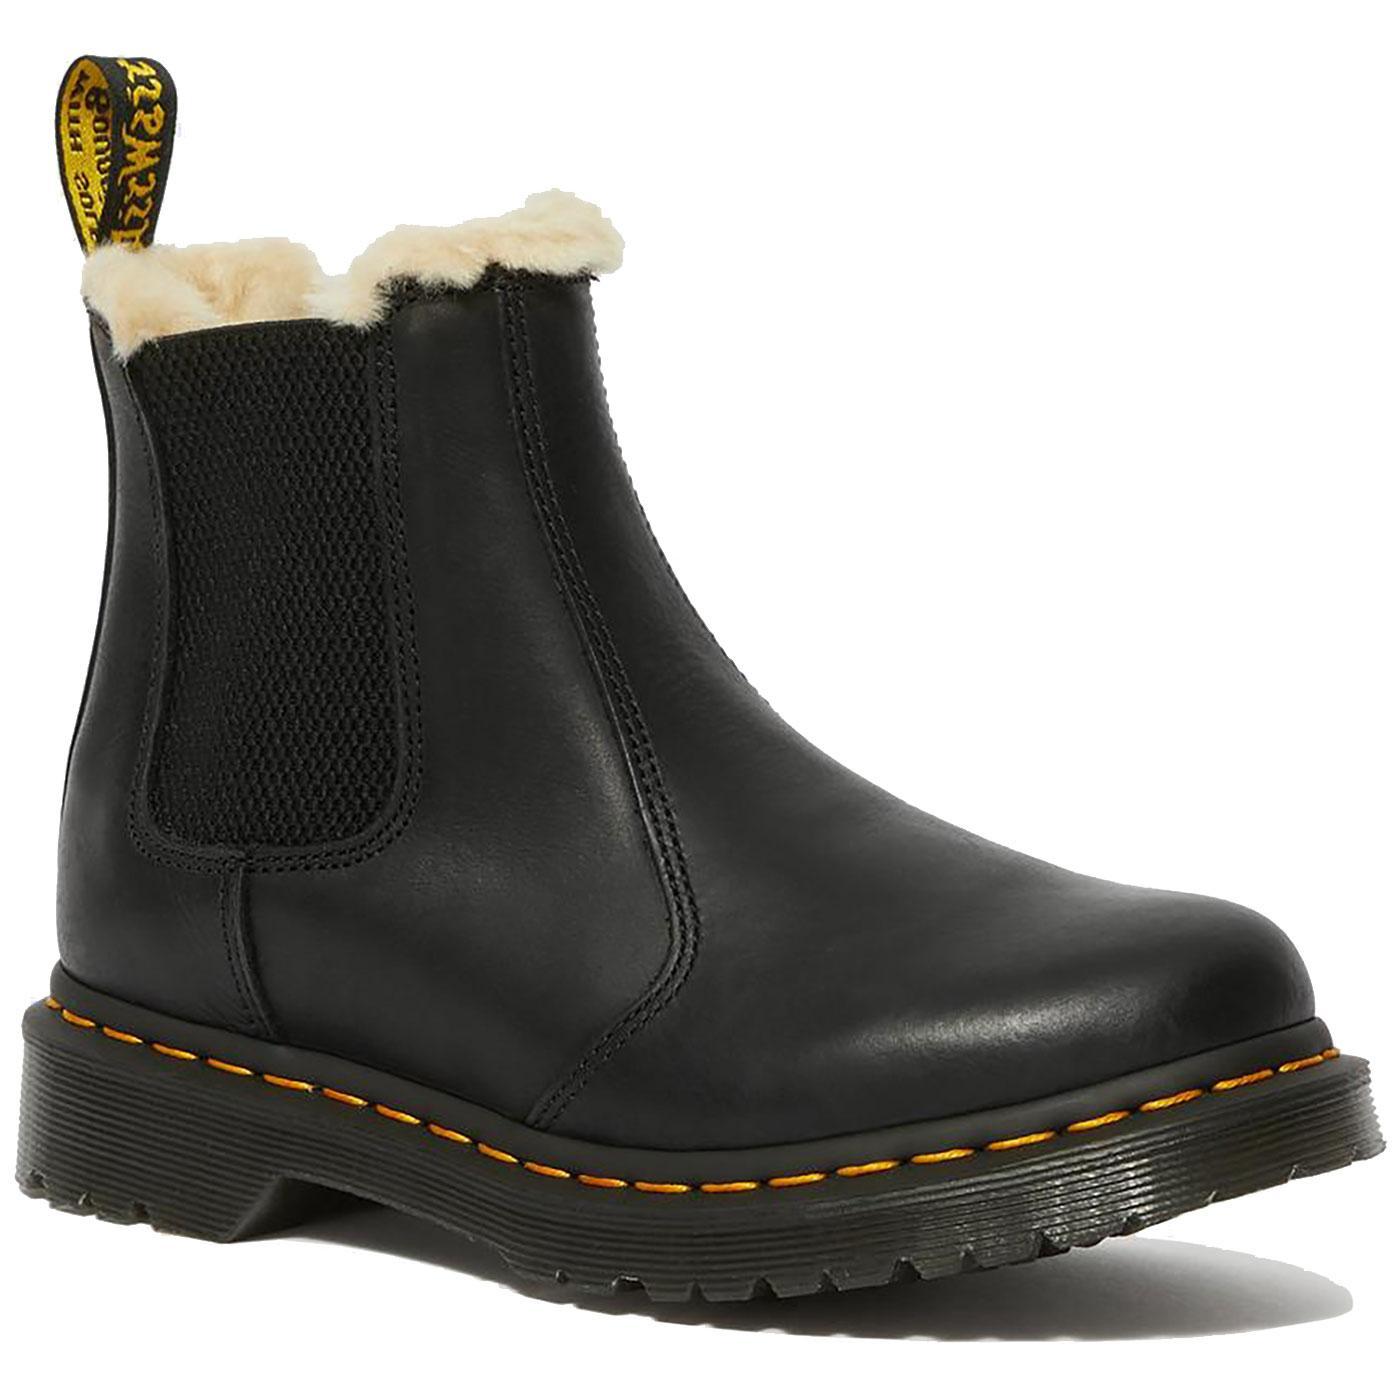 Leonore DR MARTENS Women's Faux Fur Lined Boots B